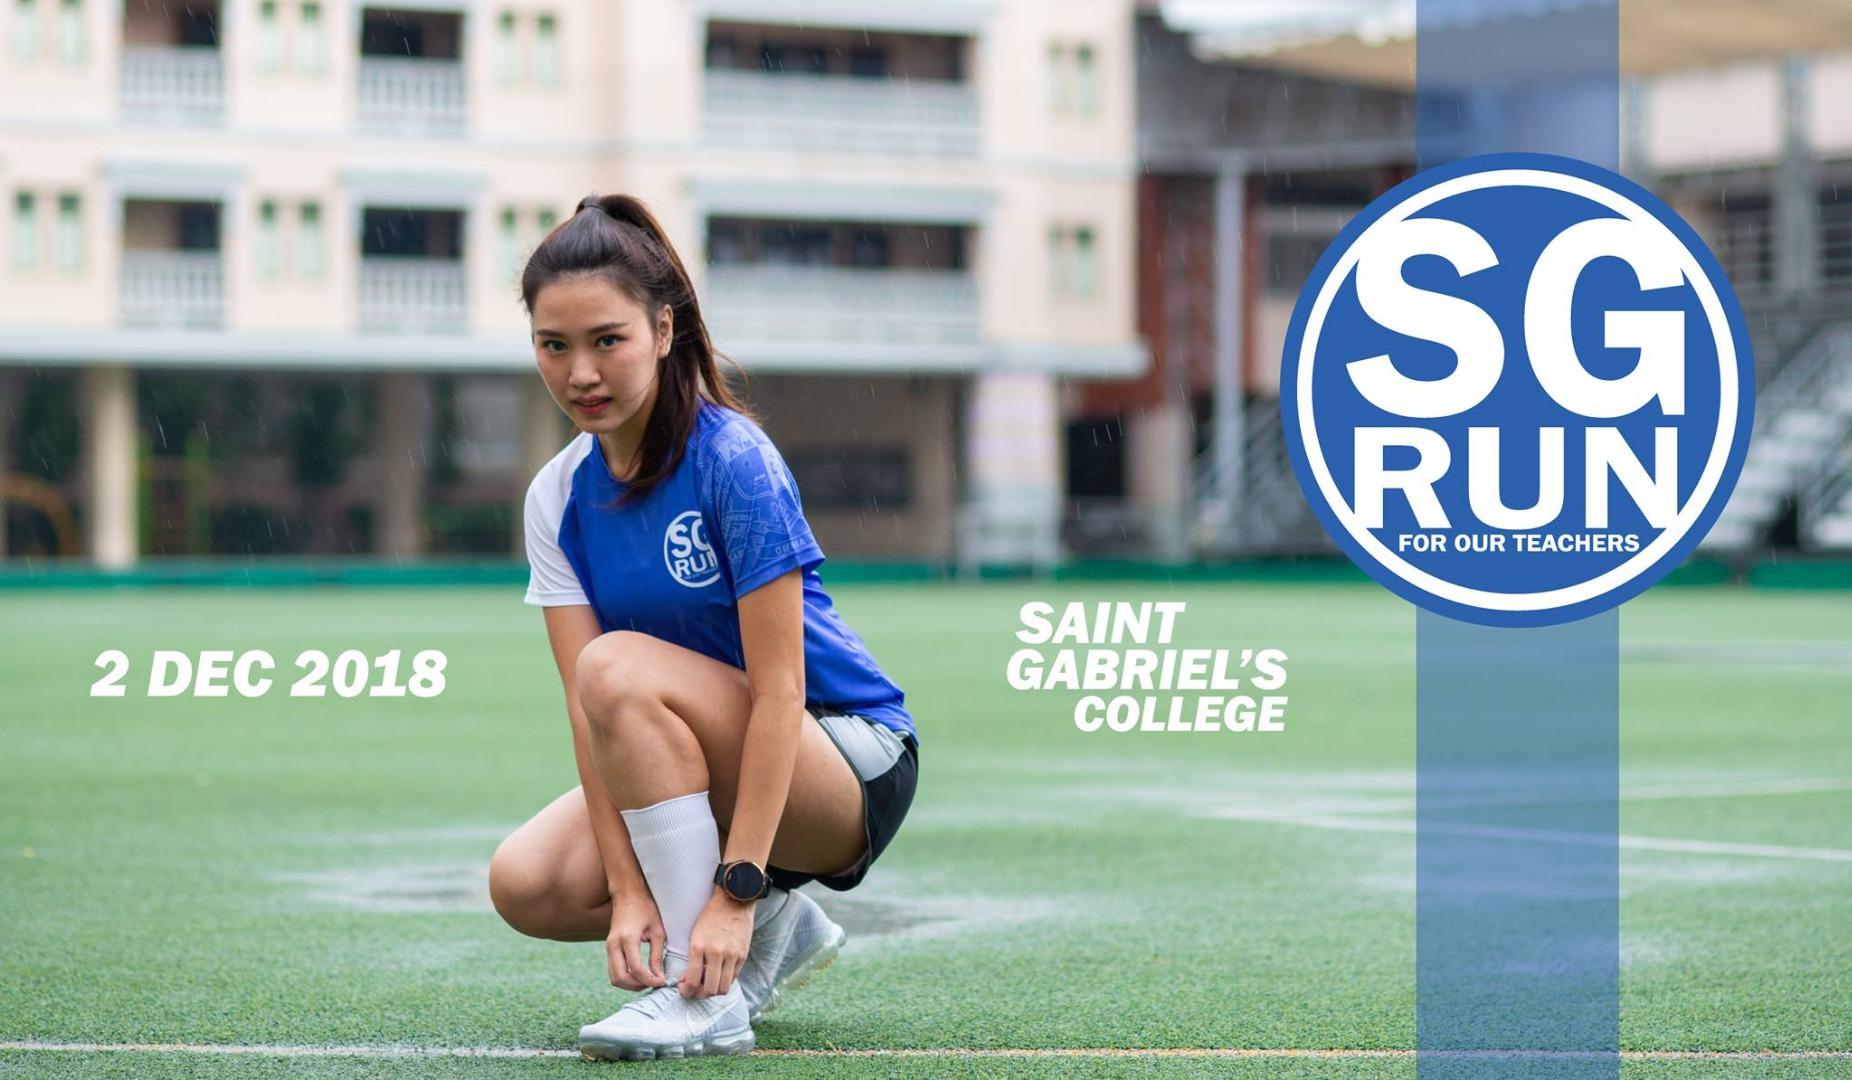 ชมย้อนหลัง SG Run 2018